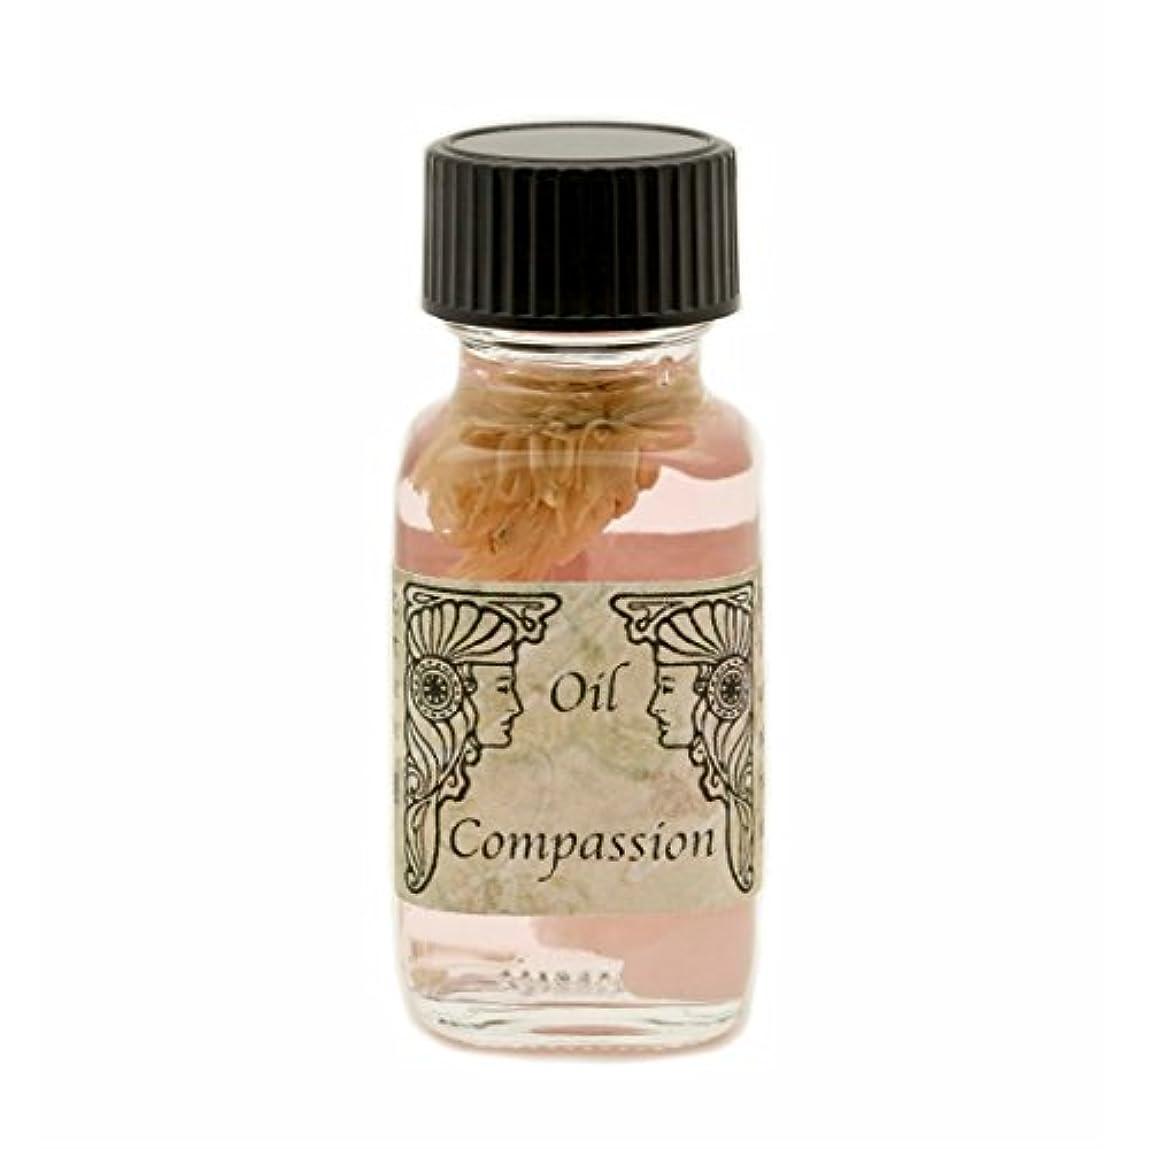 落ち込んでいるファイナンス責めアンシェントメモリーオイル コンパッション Compassion 思いやり 2017年新作 (Ancient Memory Oils)